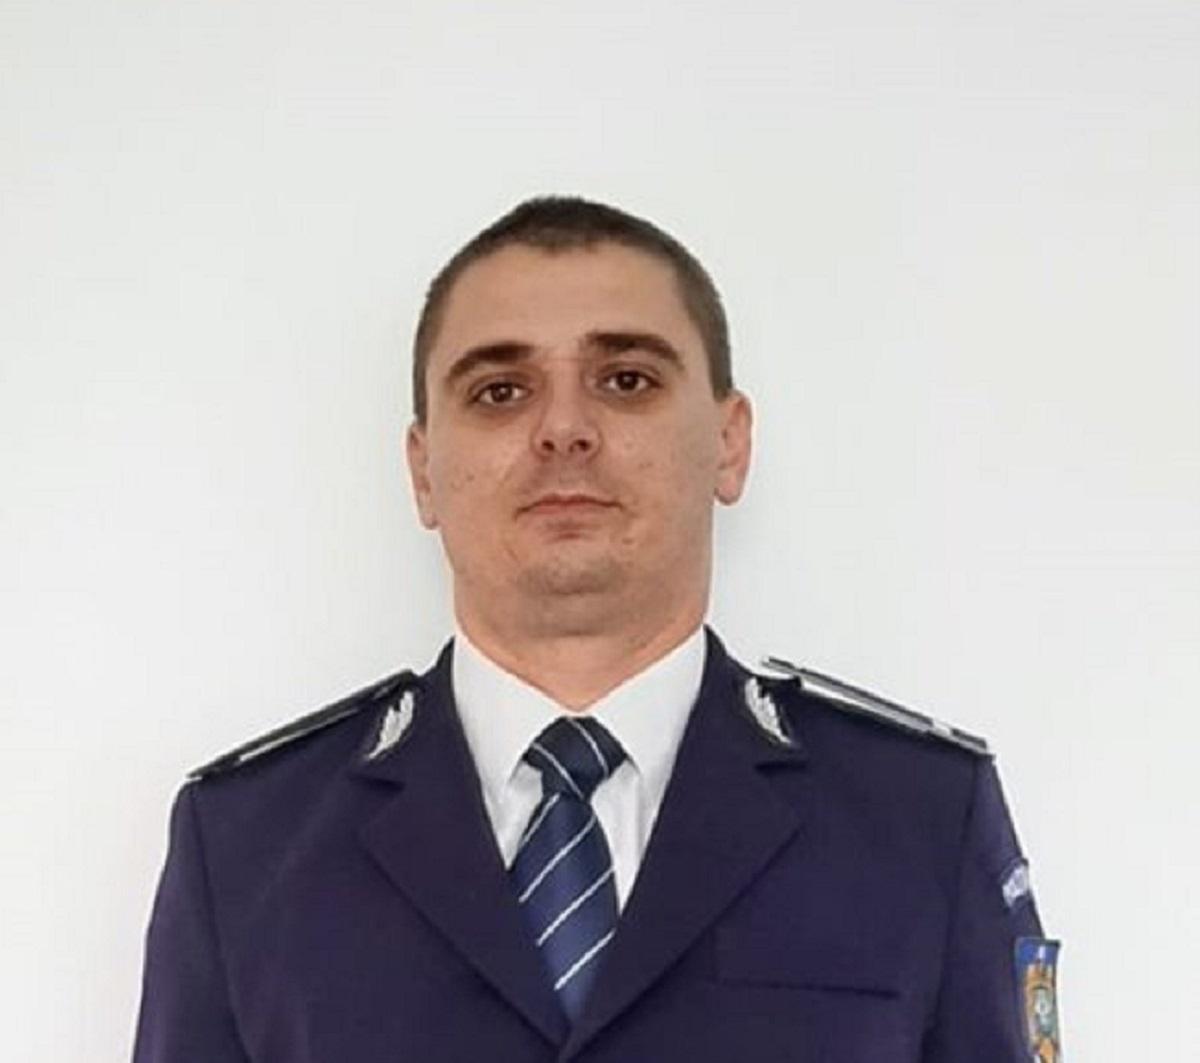 politistul-care-a-impiedicat-untanar-sa-se-arunce-de-pe-pod_2b79f.jpg